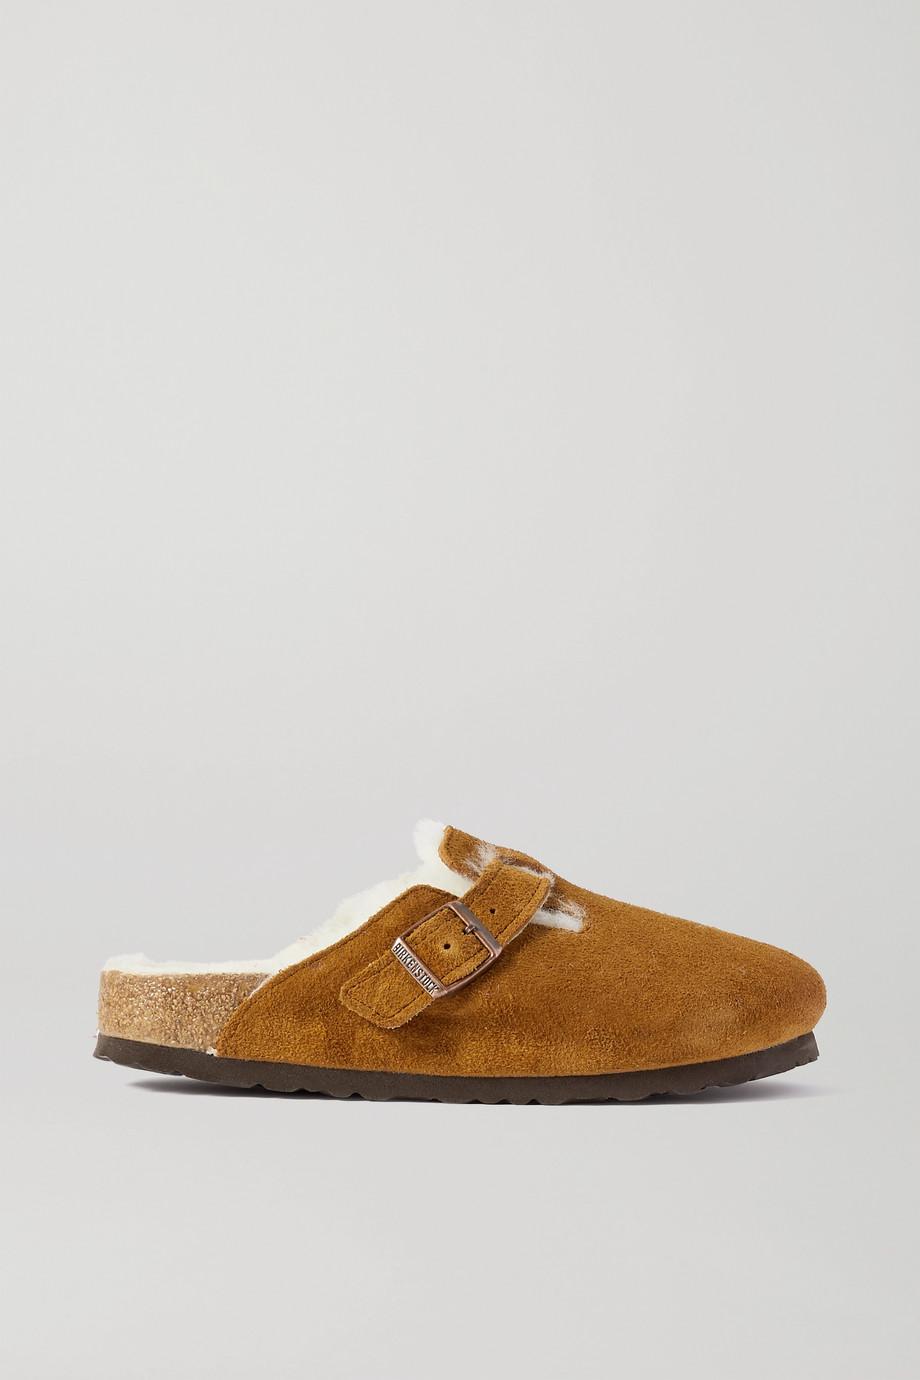 Birkenstock Boston shearling-lined suede slippers